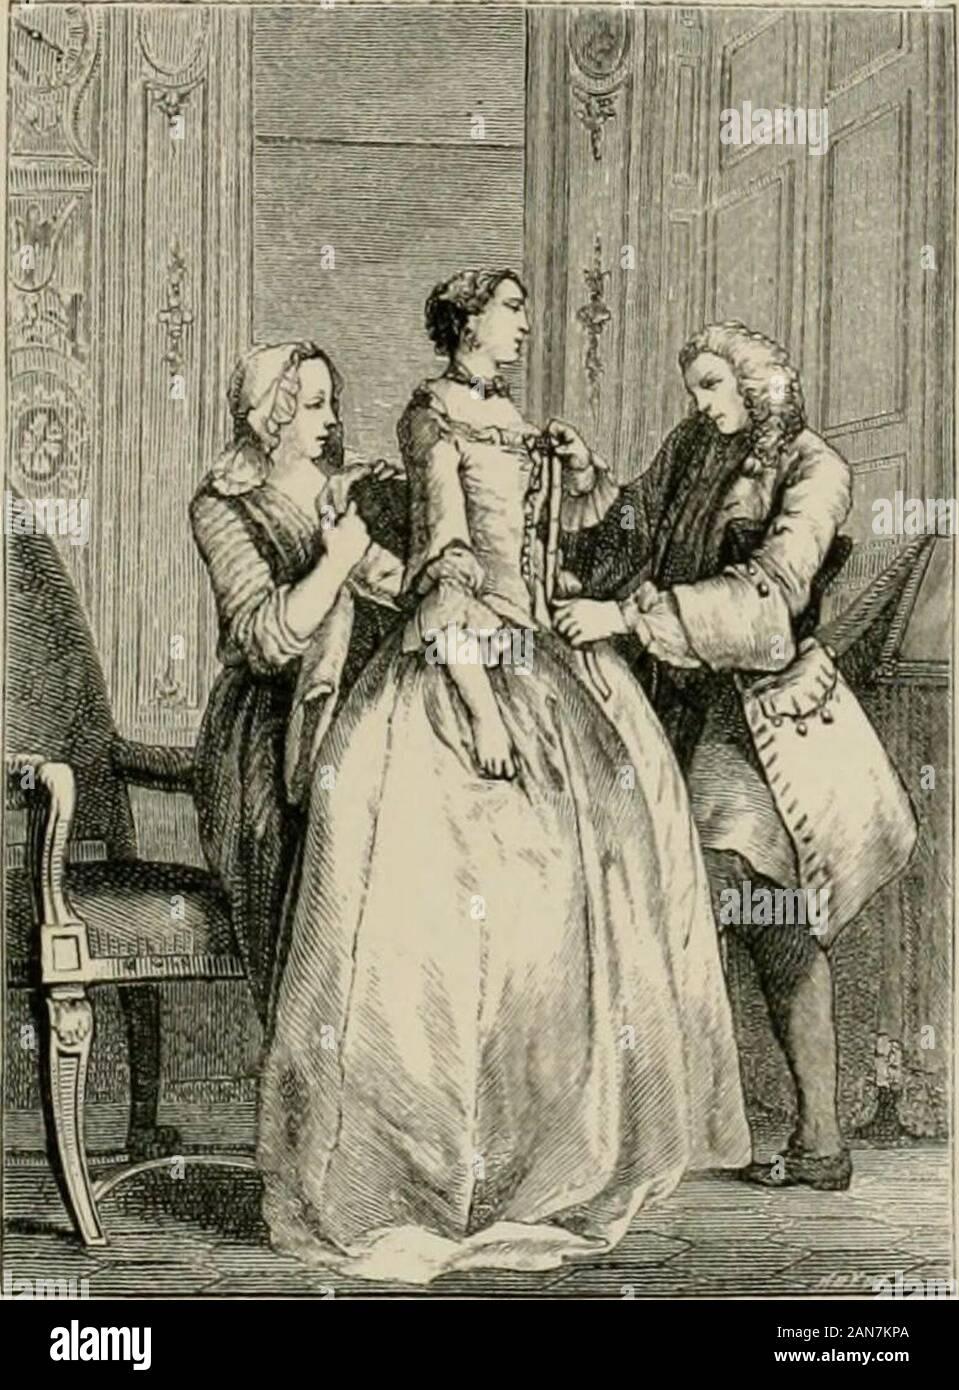 Jahrhundert; seine Institutionen, Sitten und Trachten Frankreich, 1700-1789. a la Henri IV. für Männer nicht Fahrpreis anybetter, obwohl die Führer der Mode, der auf Antrag des ComtedArtois und Marie-Antoinette, versuchten, sie einzuführen, wie aCourt-Kleid, an der privaten Unterhaltungen, die von den Fürsten Ofblood. Der Comte de Segur, die an ihnen nahm, sagt: Thiscostume war gut genug für junge Männer, aber es nicht an allen suitmiddle - gealterte Männer, vor allem wenn sie kurz waren und geneigt zu corpu-Lence. Die Seide Mäntel, die Federn, Bändern, und brillante Farben, machte Sie ridic suchen Stockfoto